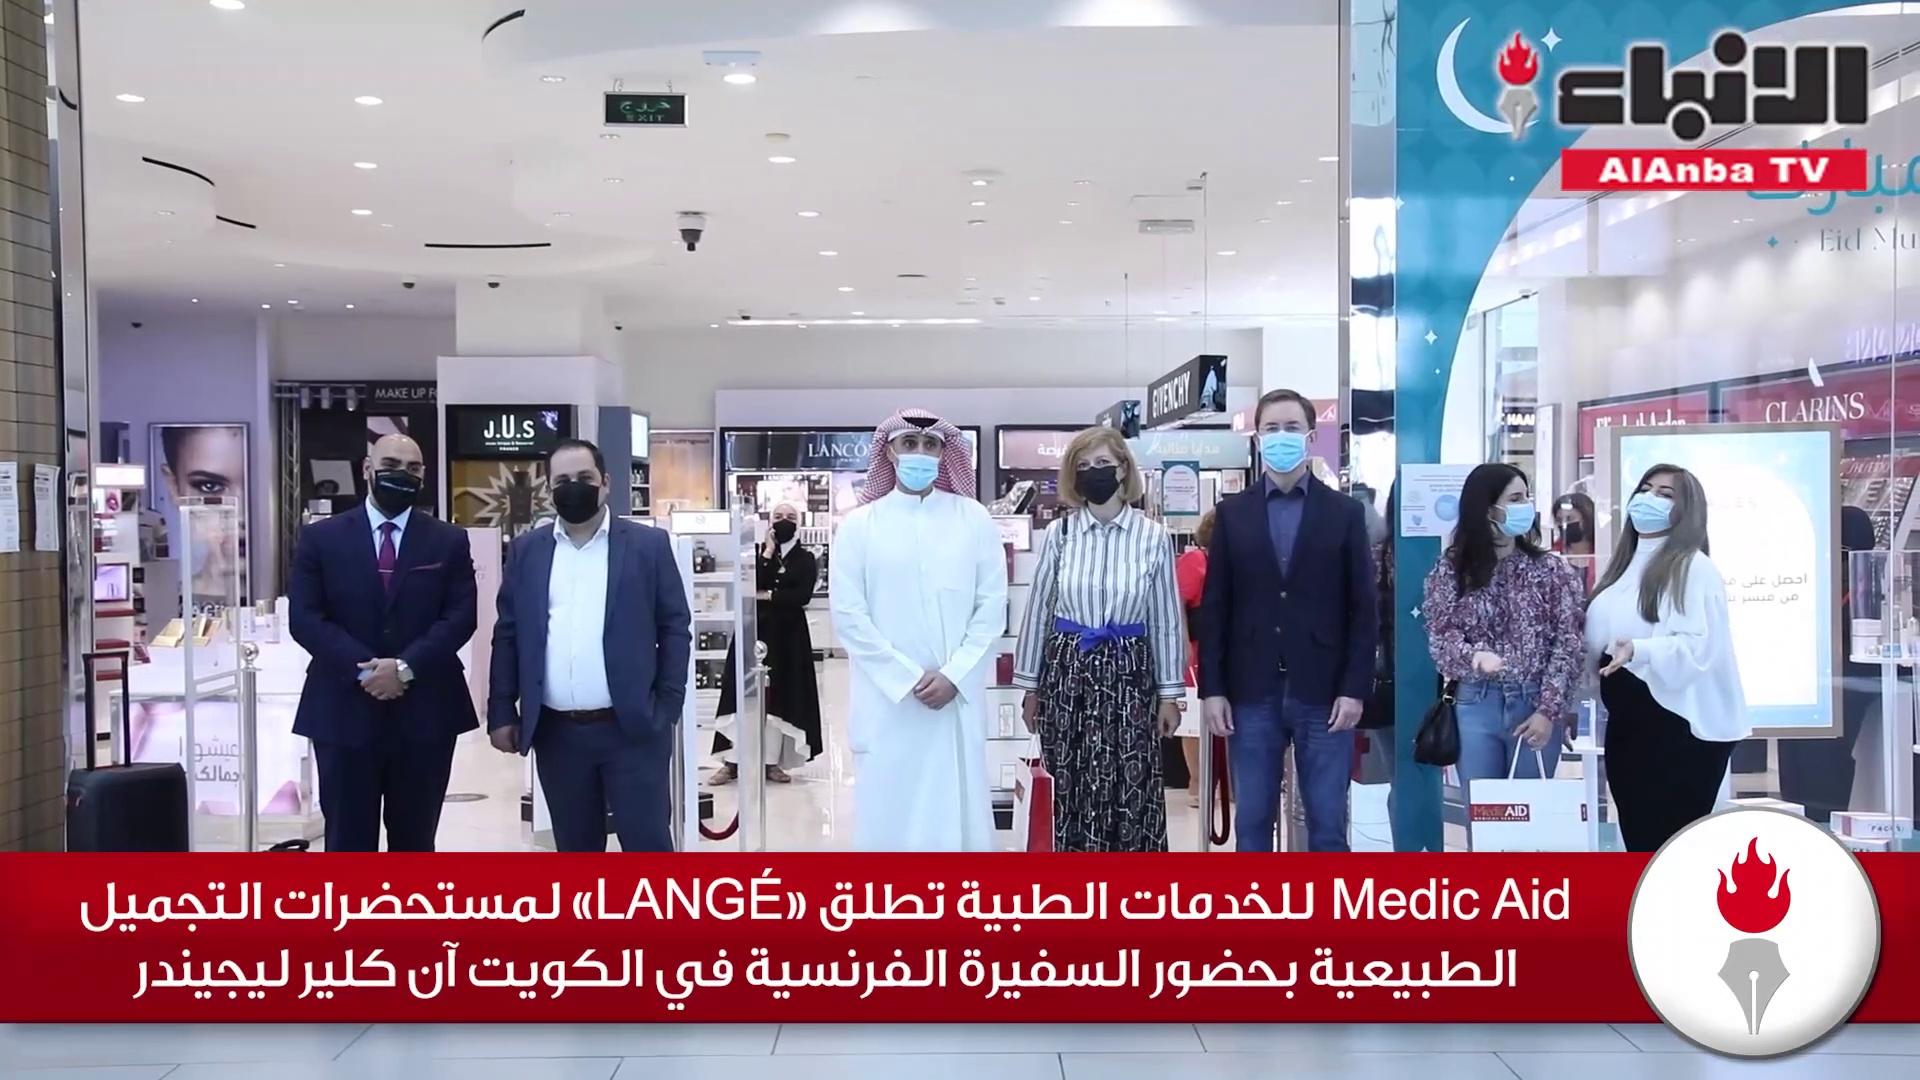 MedicAid للخدمات الطبية تطلق «LANGÉ» لمستحضرات التجميل الطبيعية بحضور السفيرة الفرنسية في الكويت آن كلير ليجيندر